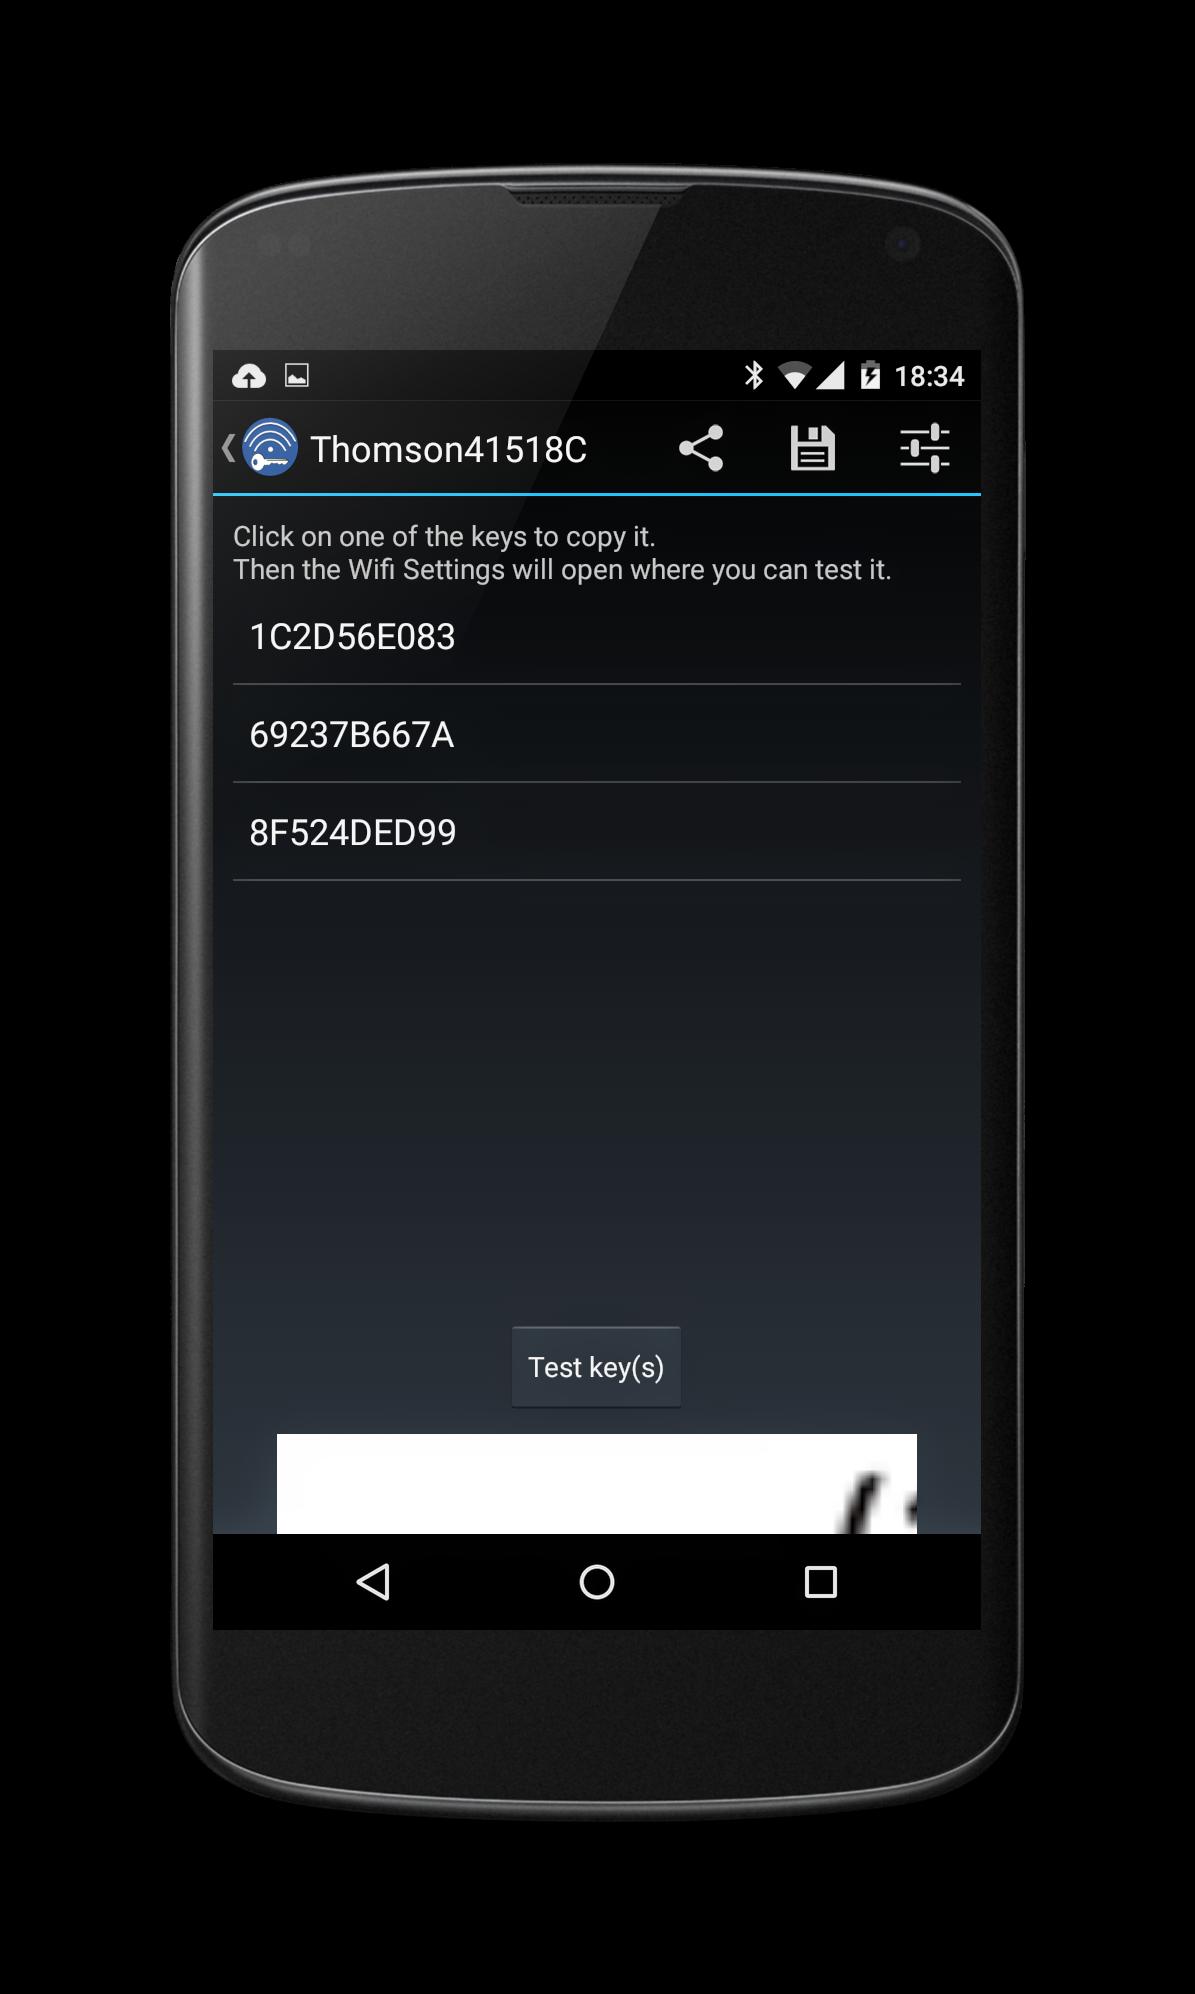 router keygen download iphone